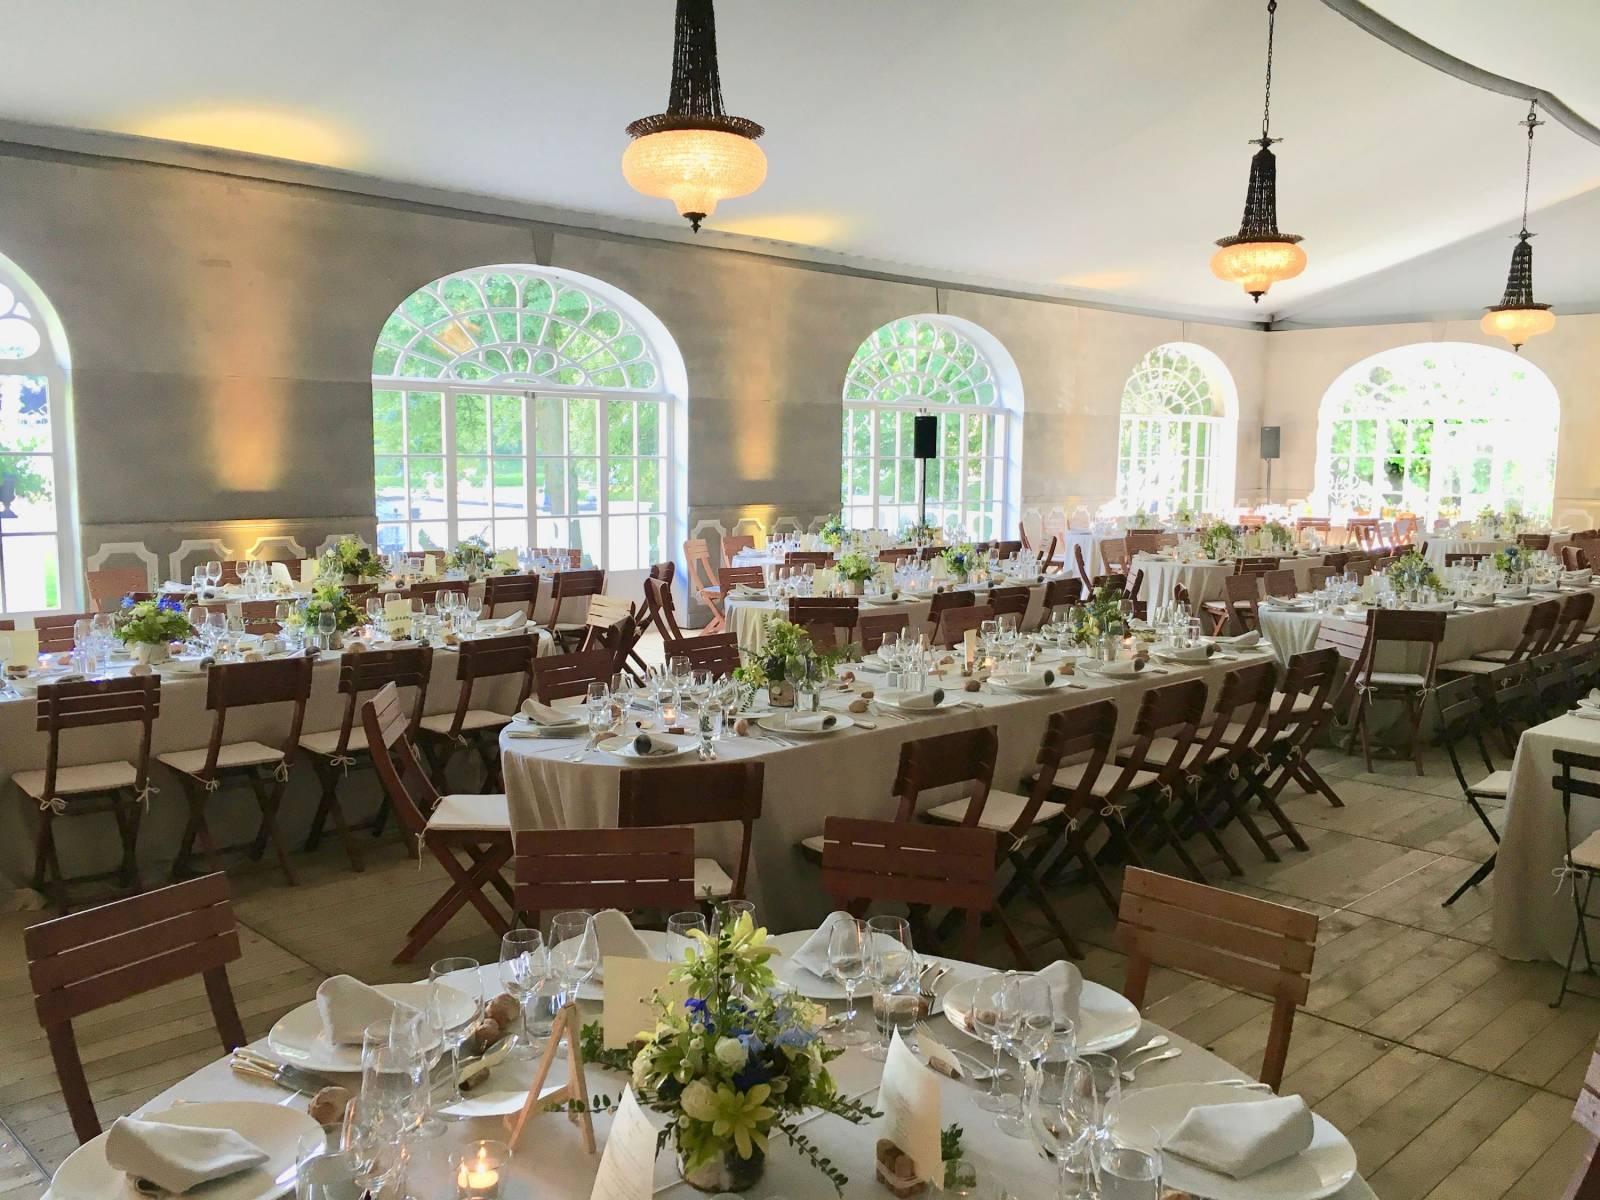 Kasteel van Leeuwergem - Feestzaal - House of Weddings  - 35